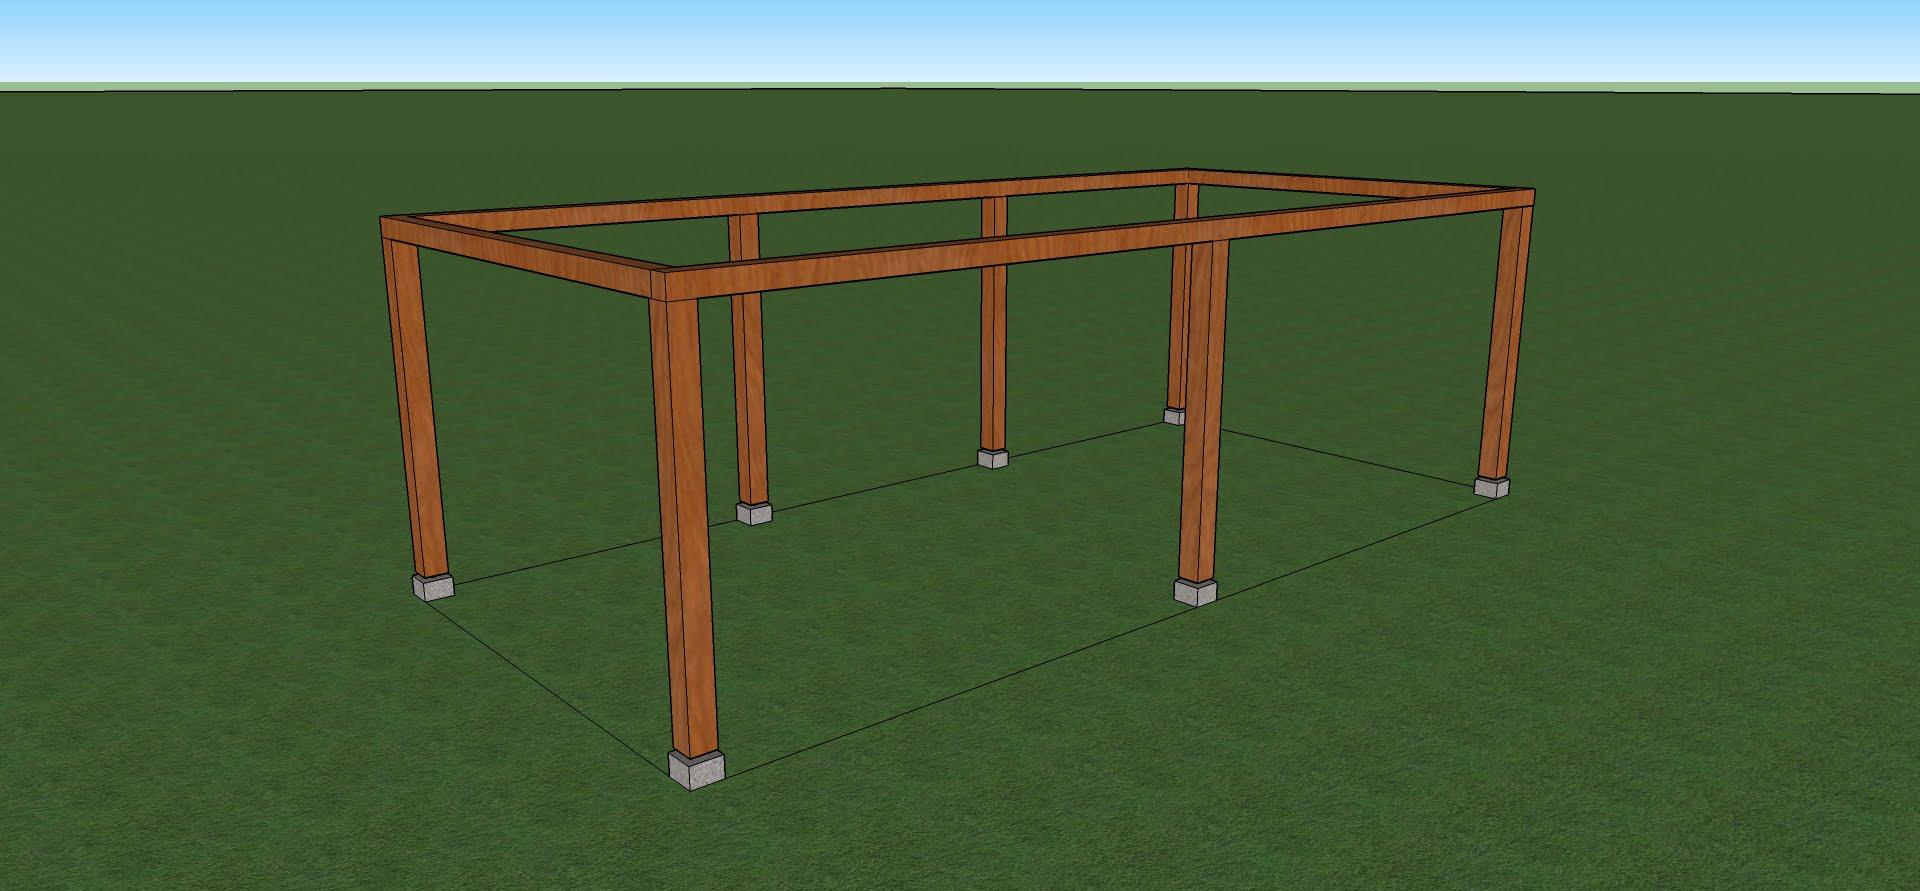 zelf een carport bouwen